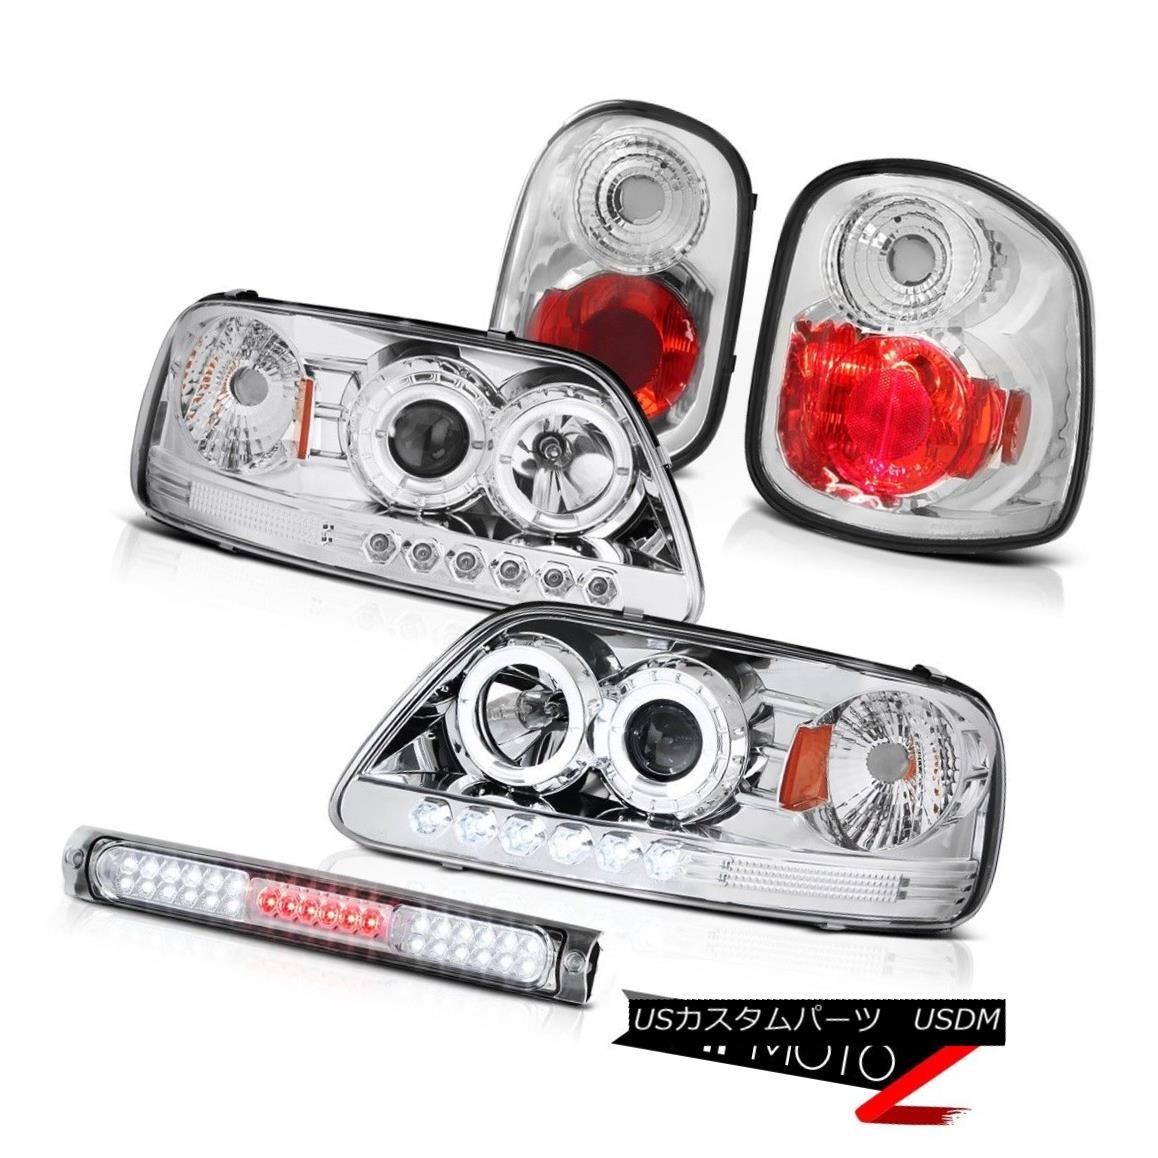 テールライト Euro Halo LED Headlights Rear Tail Lamps Third Brake 2001-2003 F150 Flareside XL ユーロHalo LEDヘッドライトリアテールランプ第3ブレーキ2001-2003 F150 Flareside XL